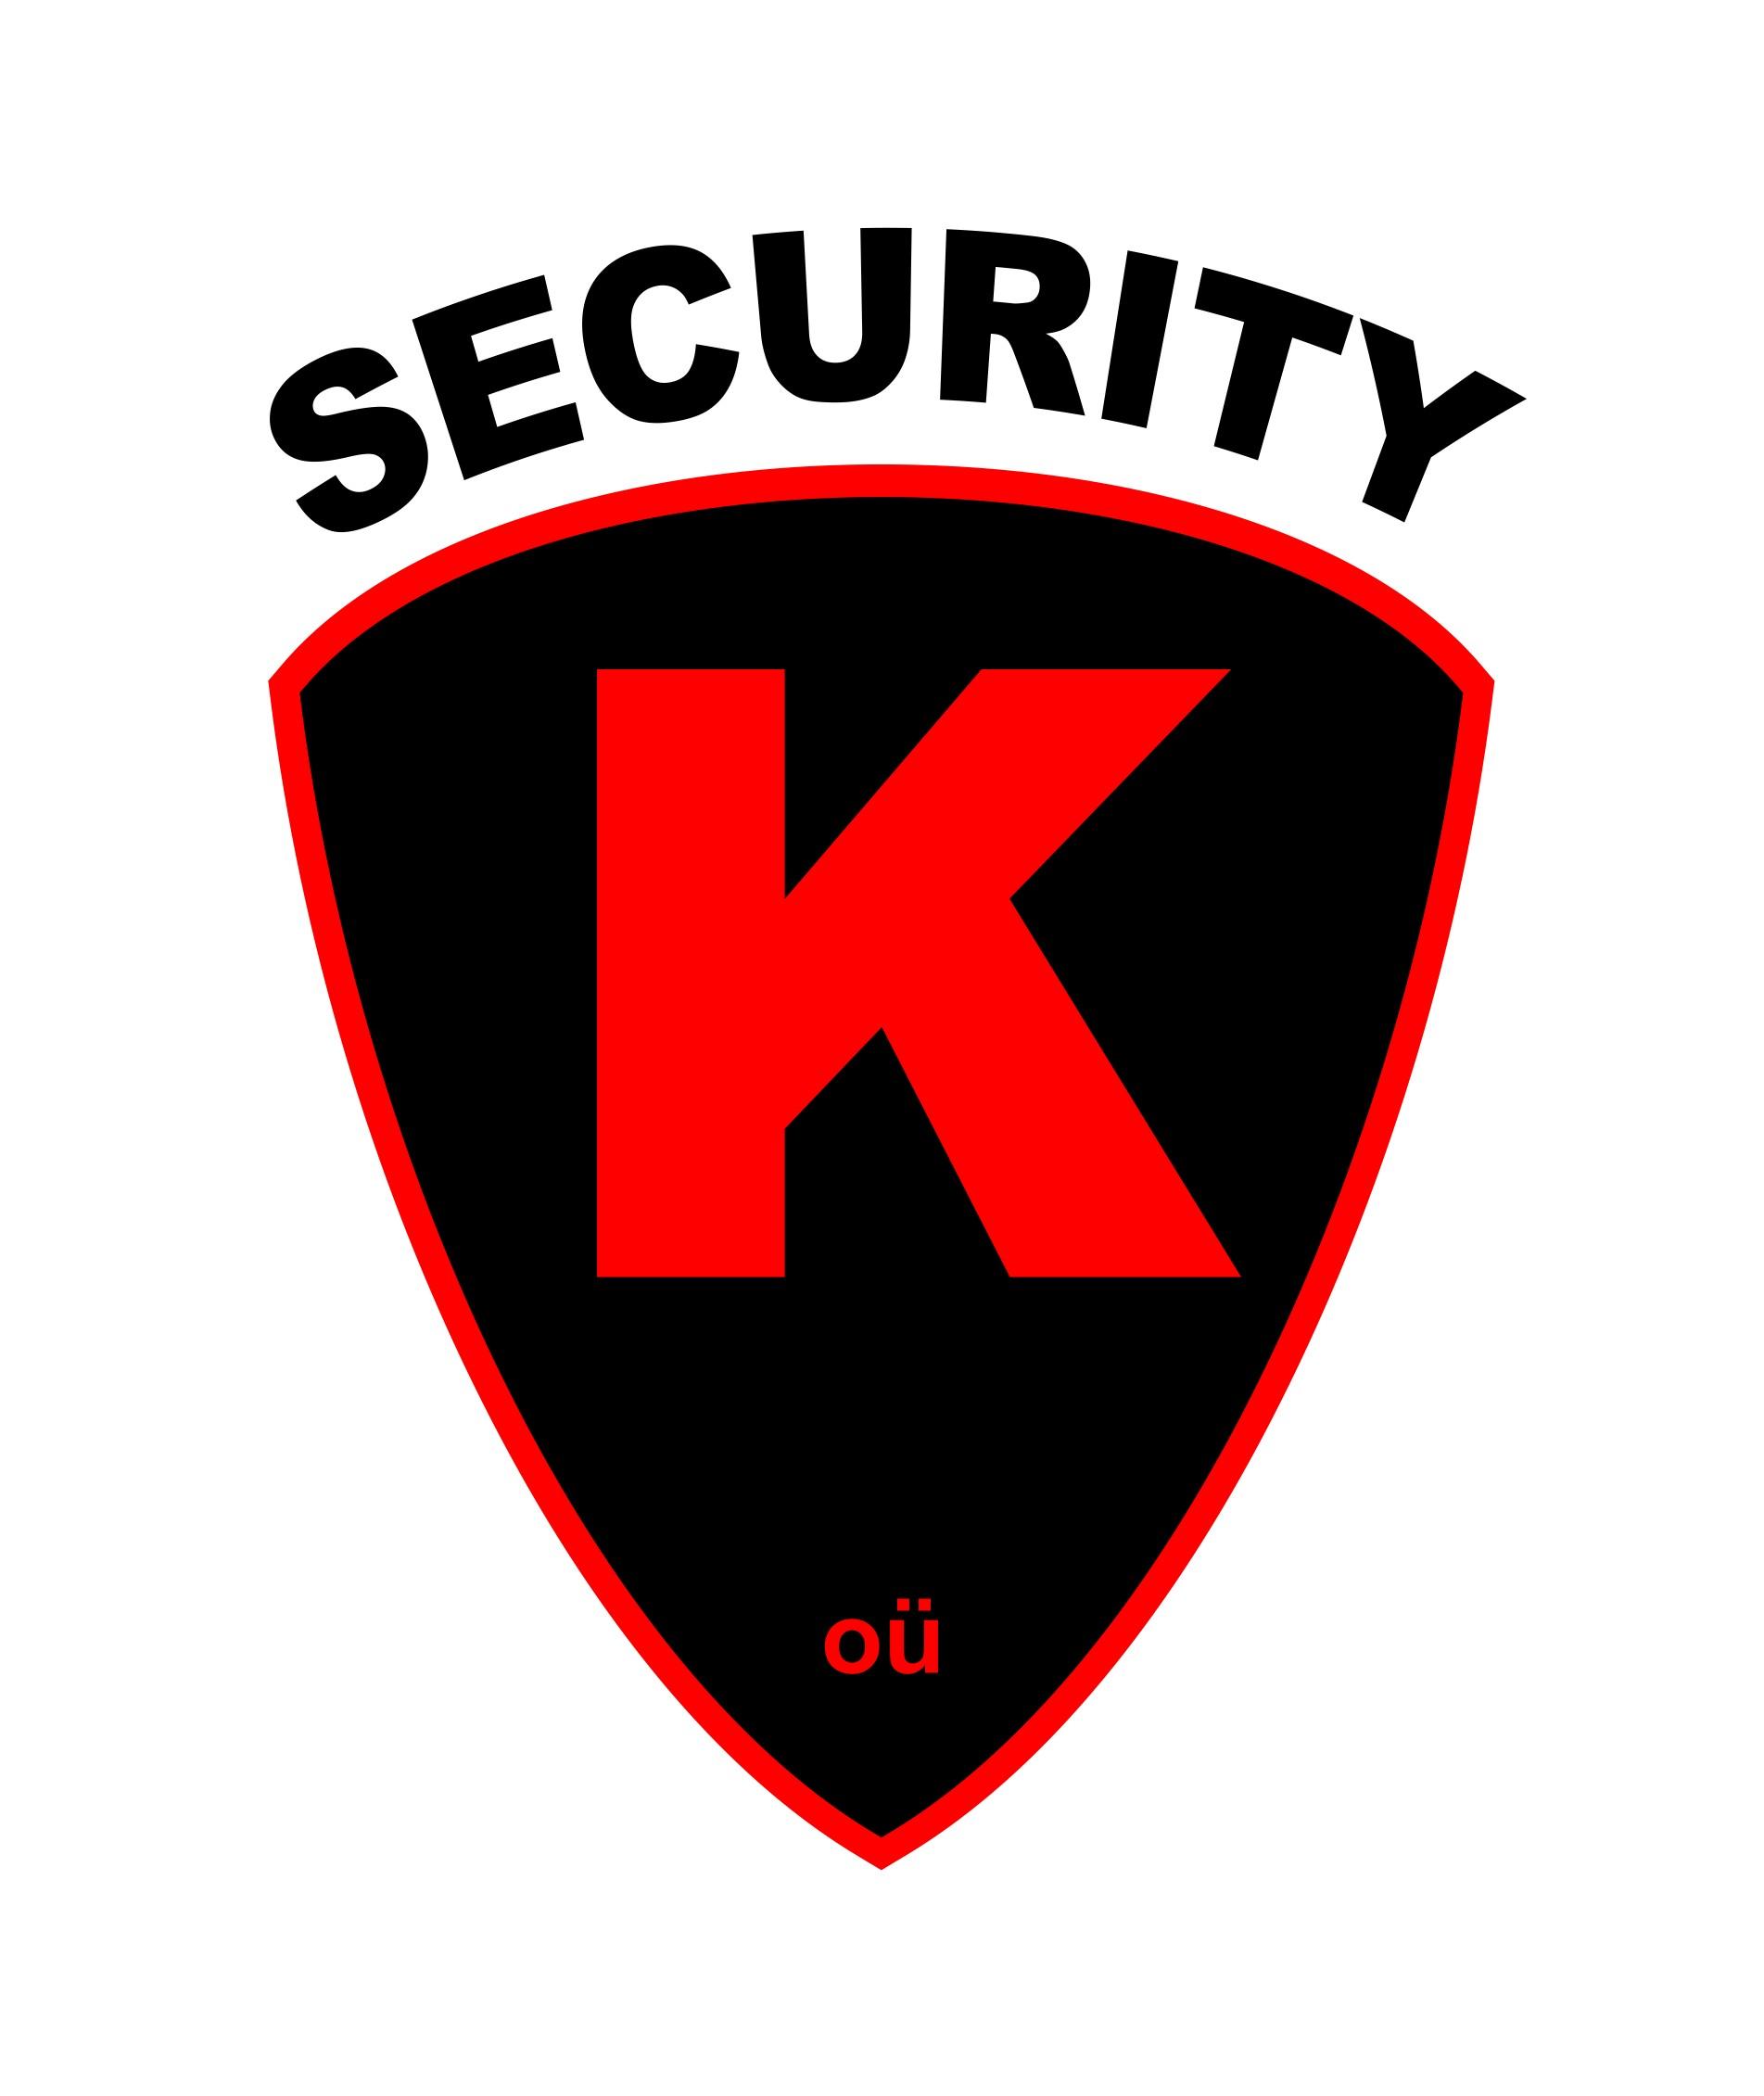 ksec_.jpg - 178.56 Kb